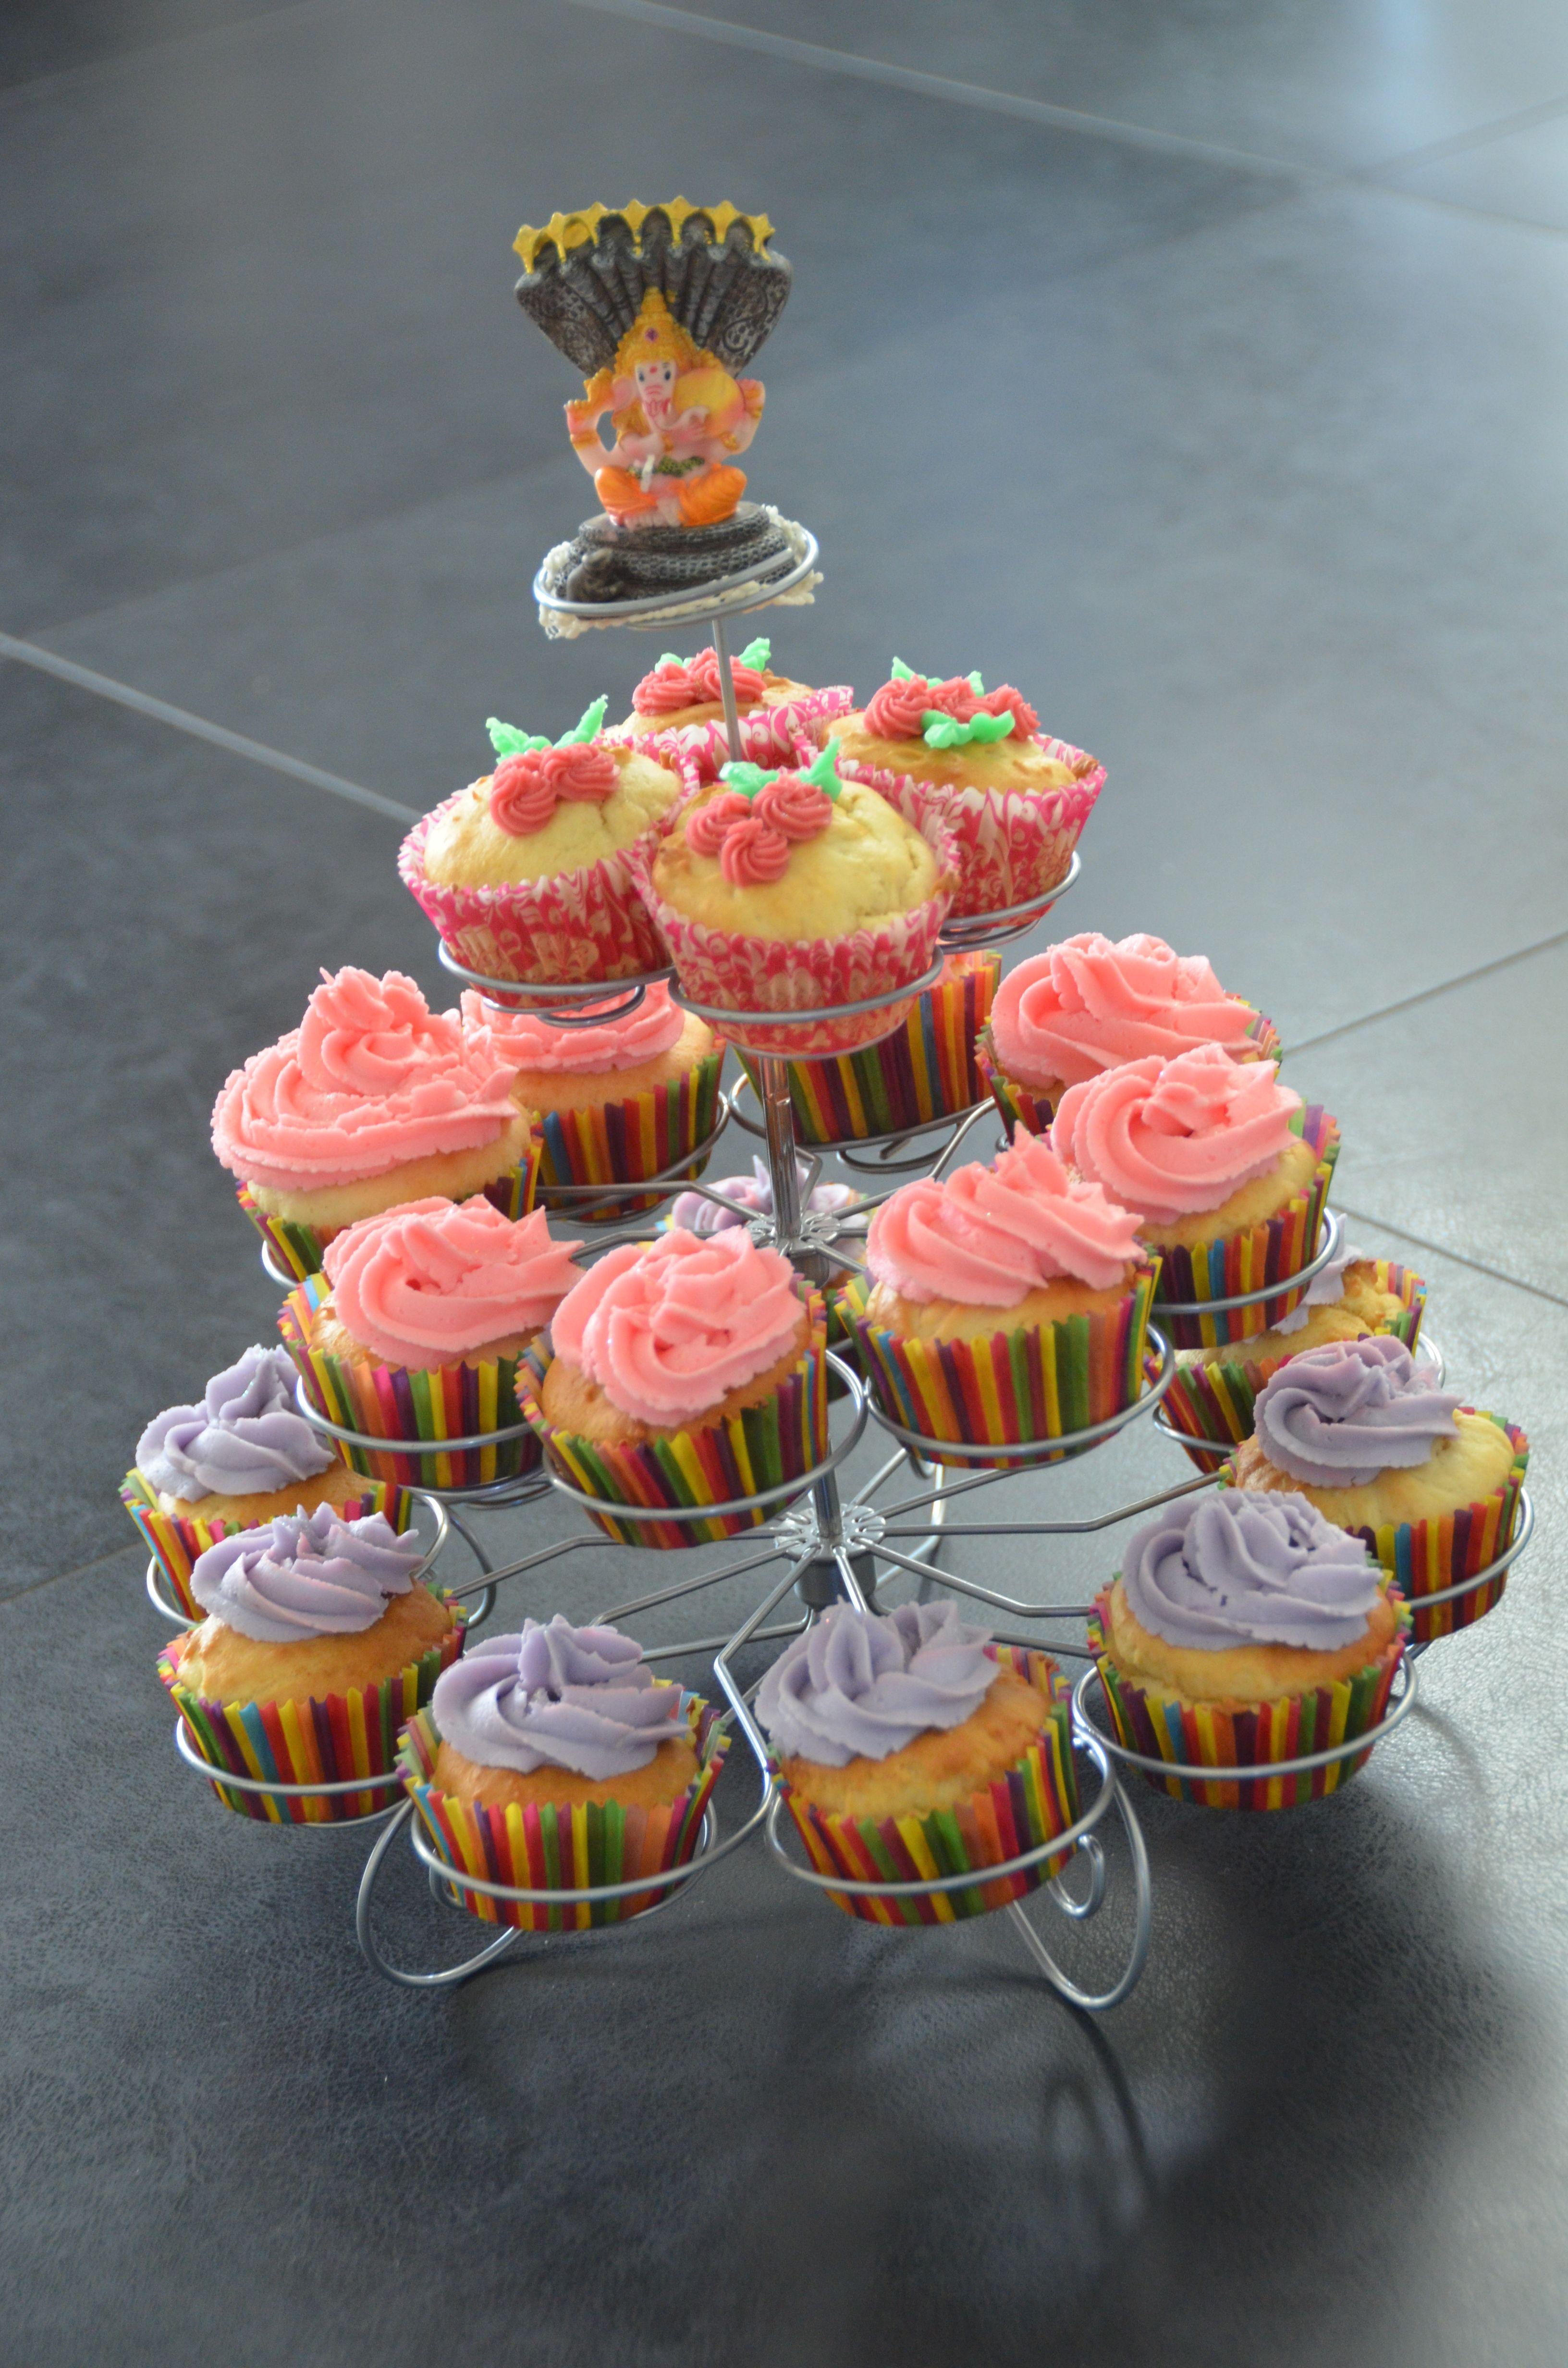 Ganesh Chaturthi Cupcakes Spiritual Cake Decorating ...